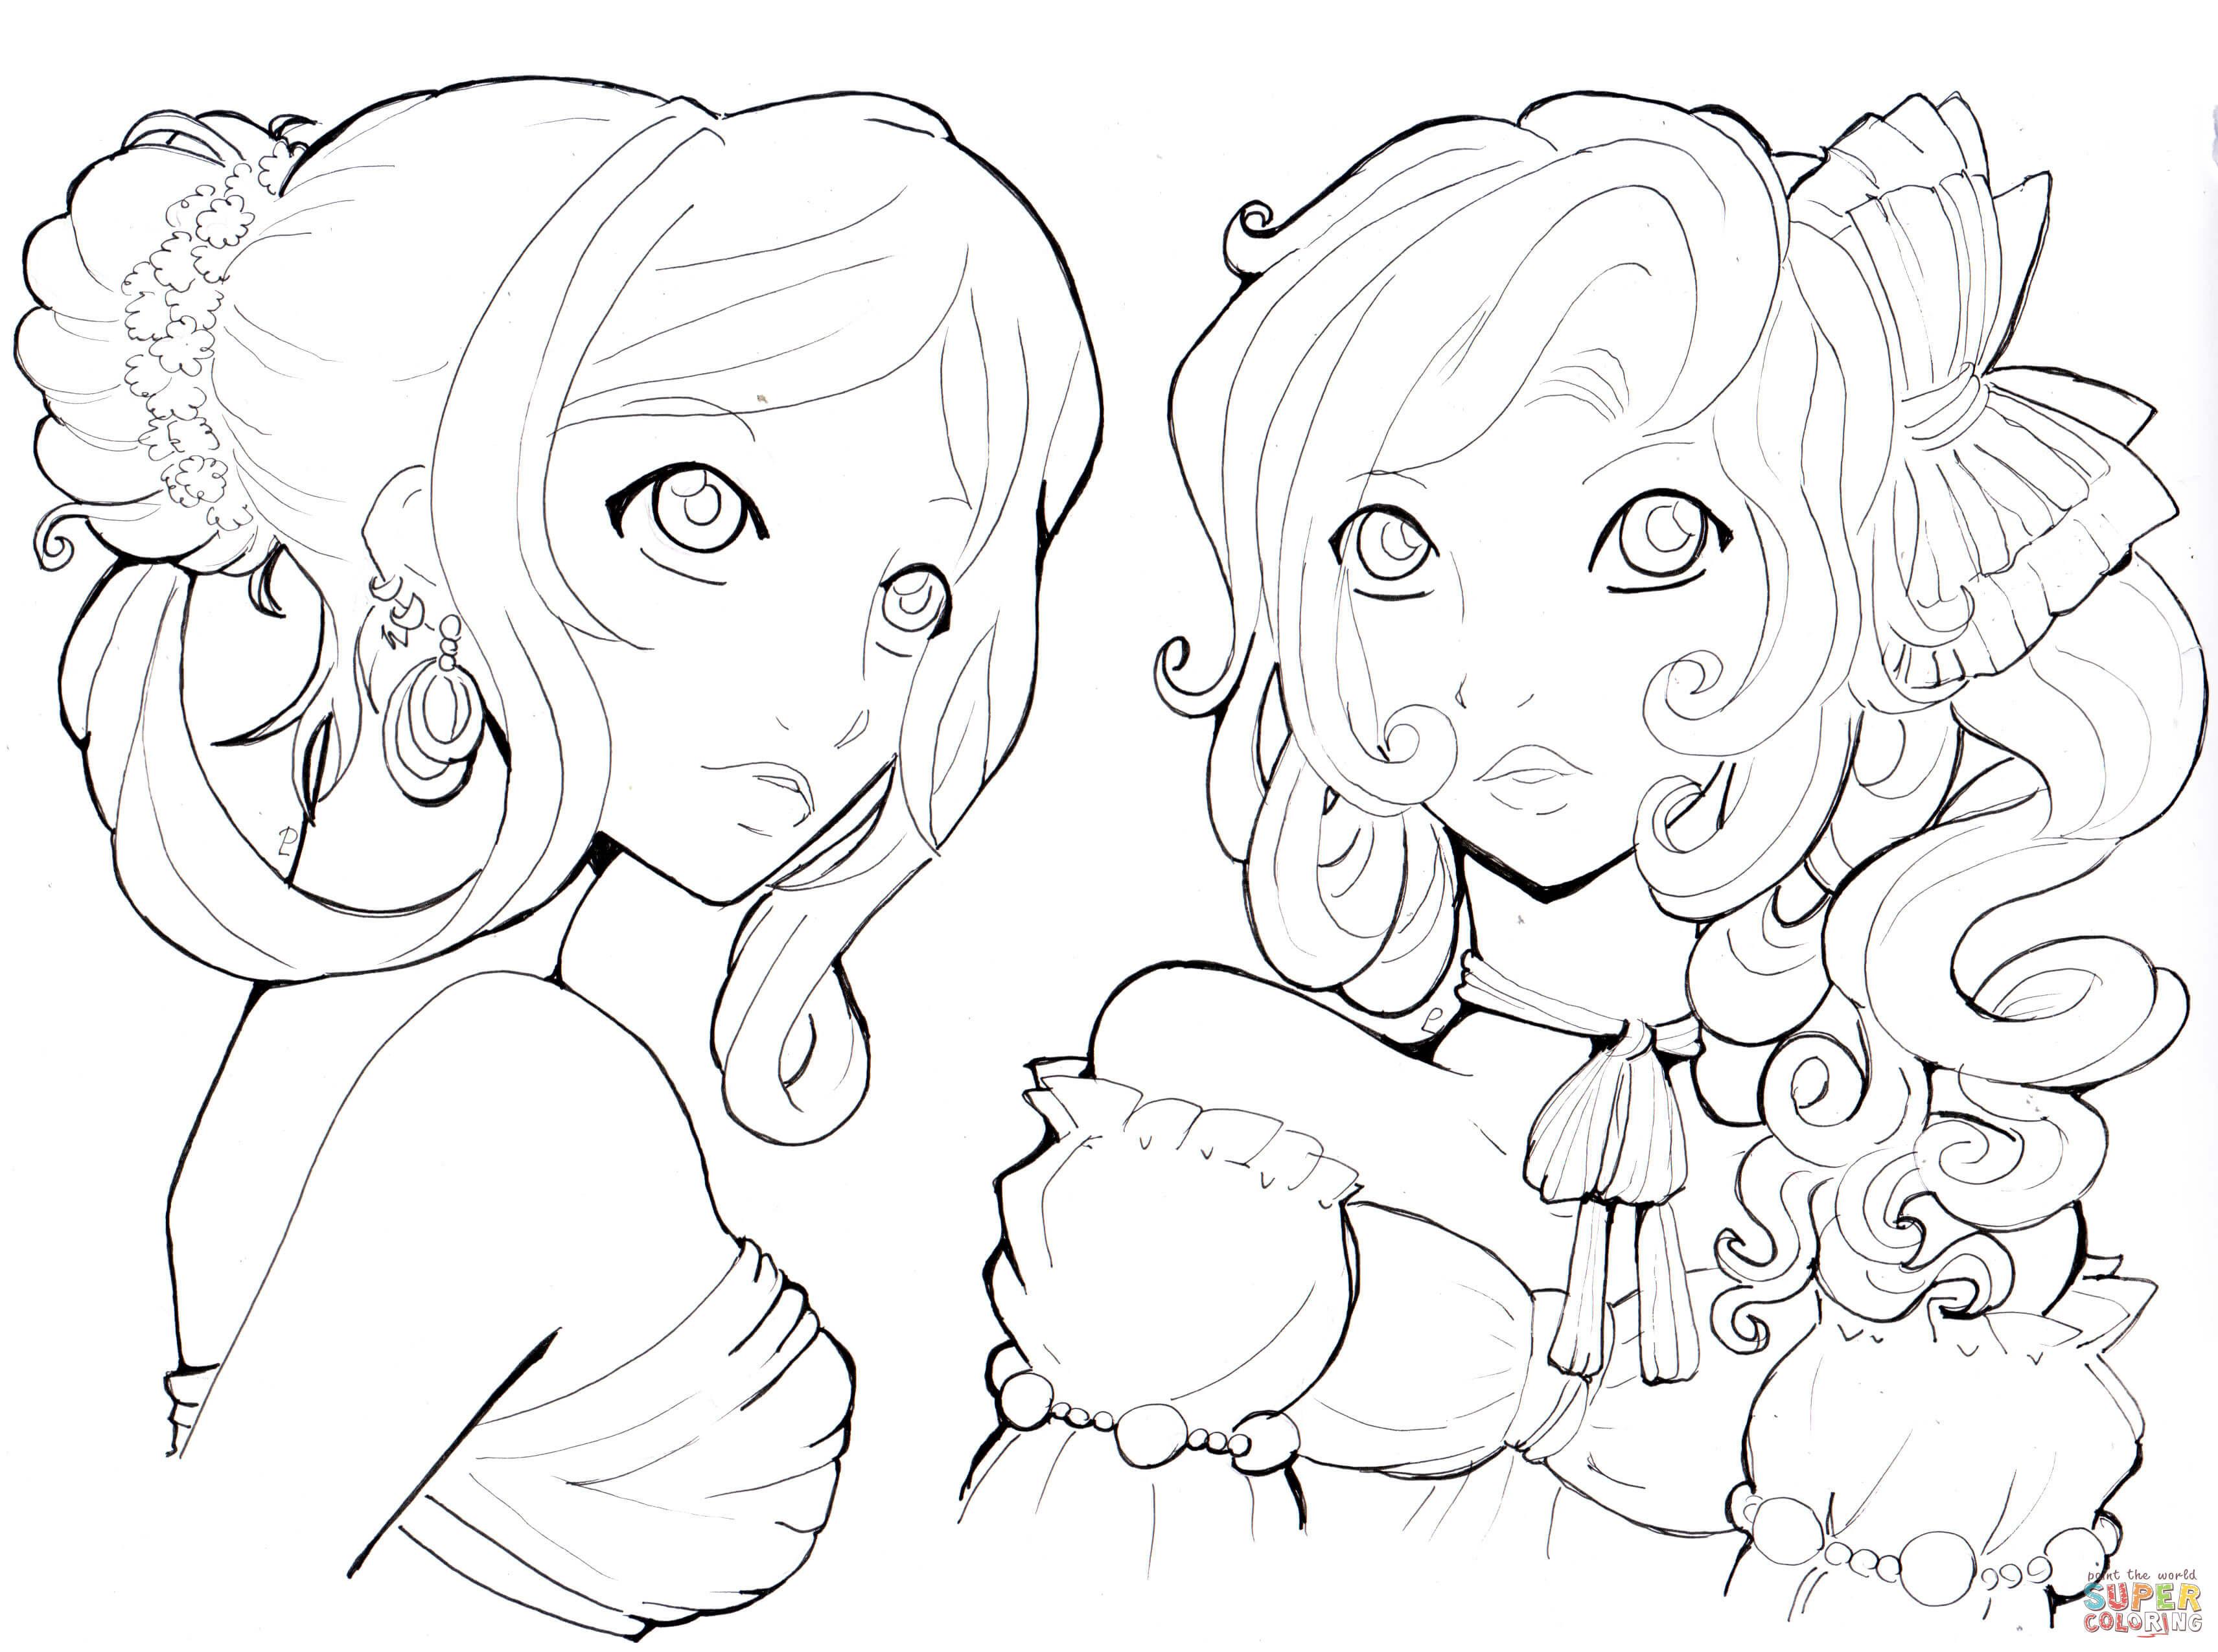 Ausmalbilder Anime Mädchen  Ausmalbilder Anime Mädchen Malvorlagen Kostenlos Zum